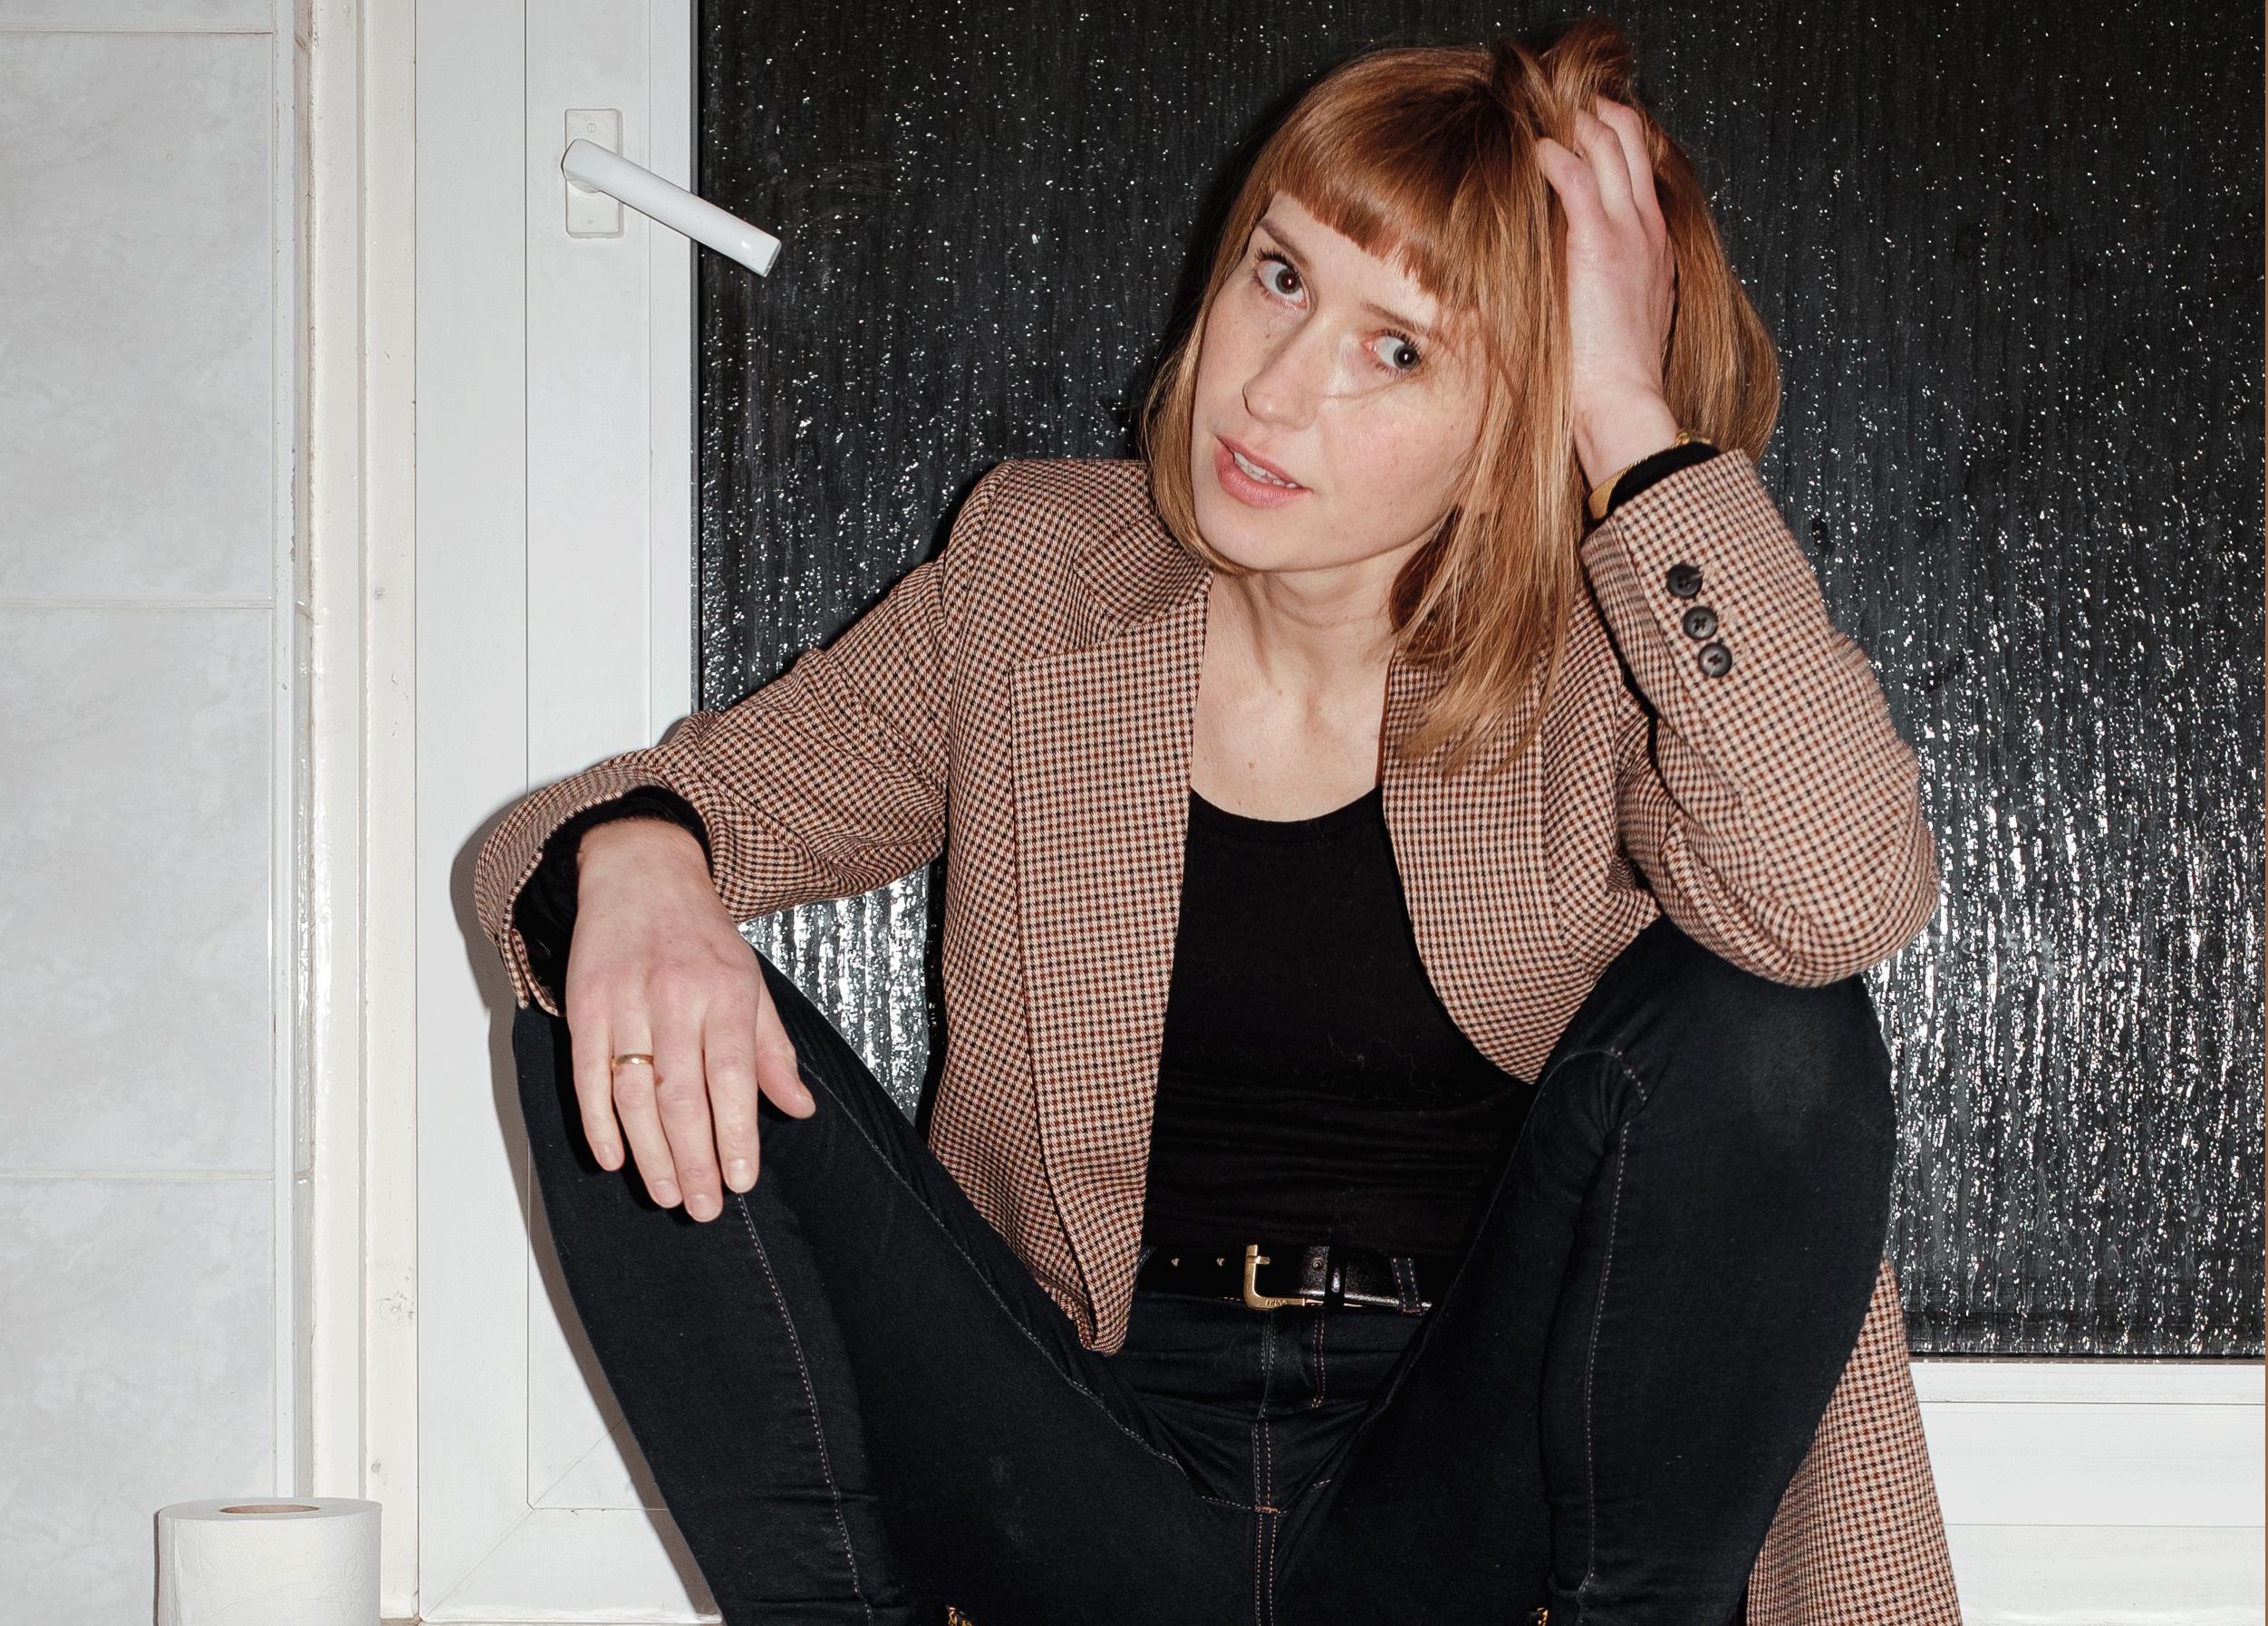 Katja Lewina sitzt mit Schuhen und Jacke auf einer Heizung neben einer Klopapierrolle.